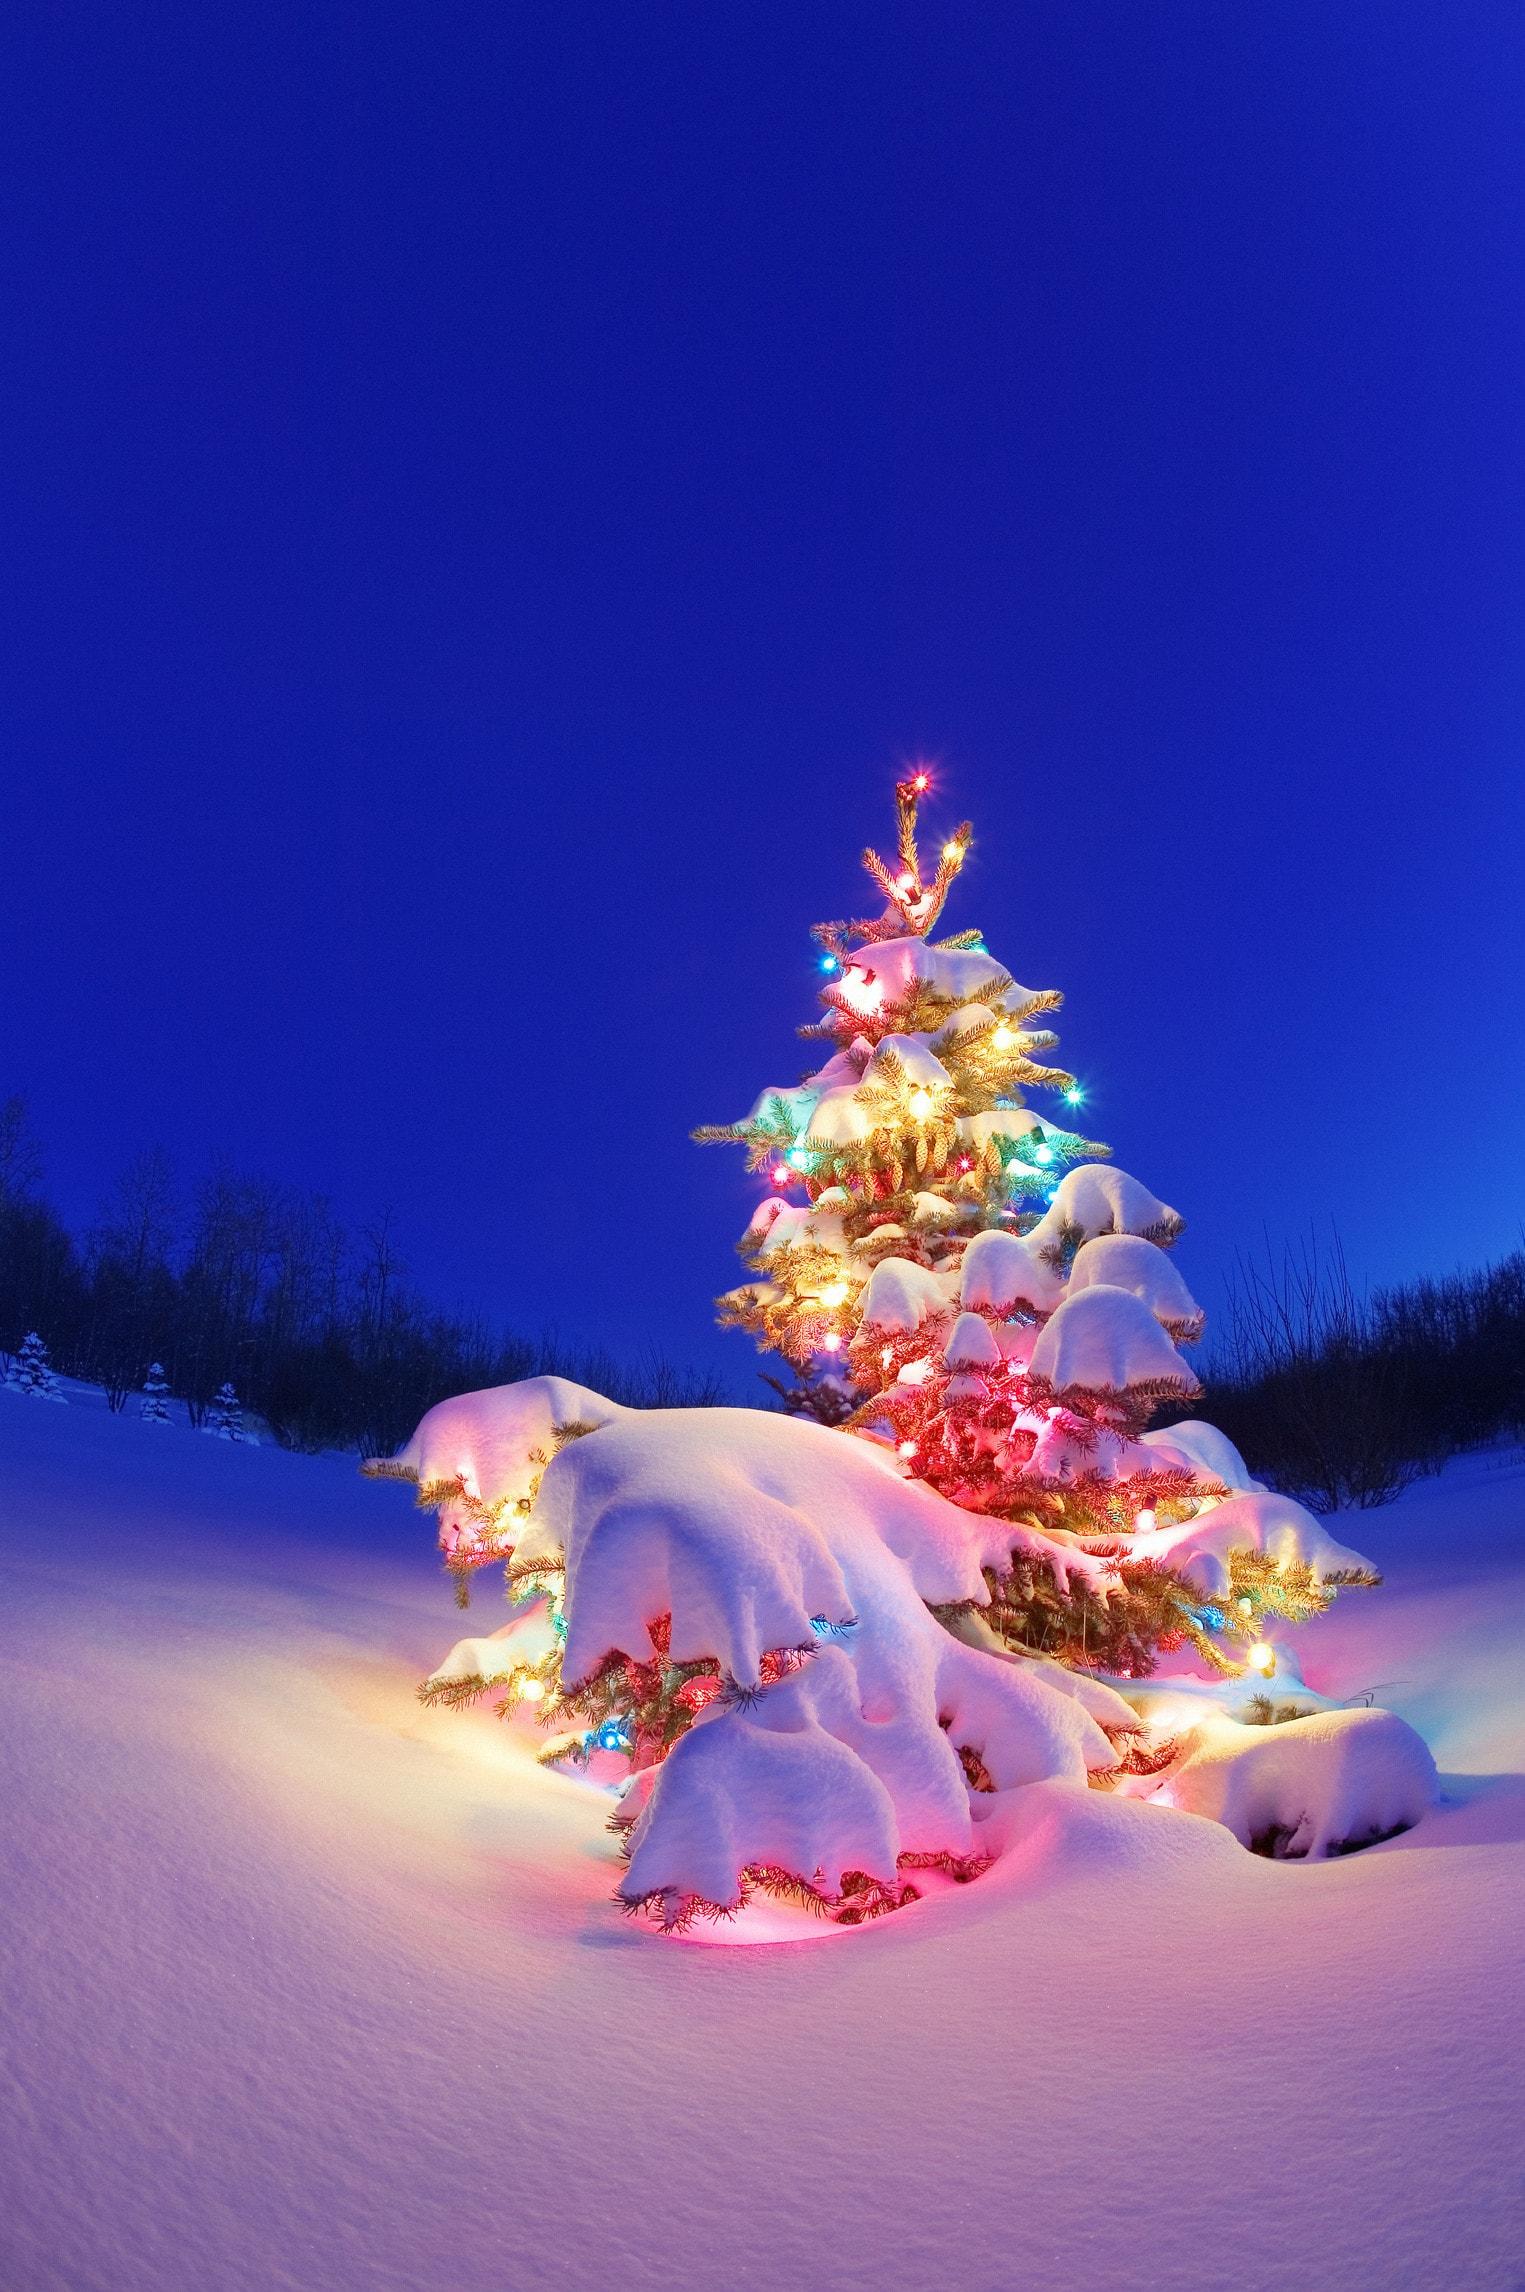 Eccezionale Perché a Natale si fa l'albero? - Nostrofiglio.it MT19